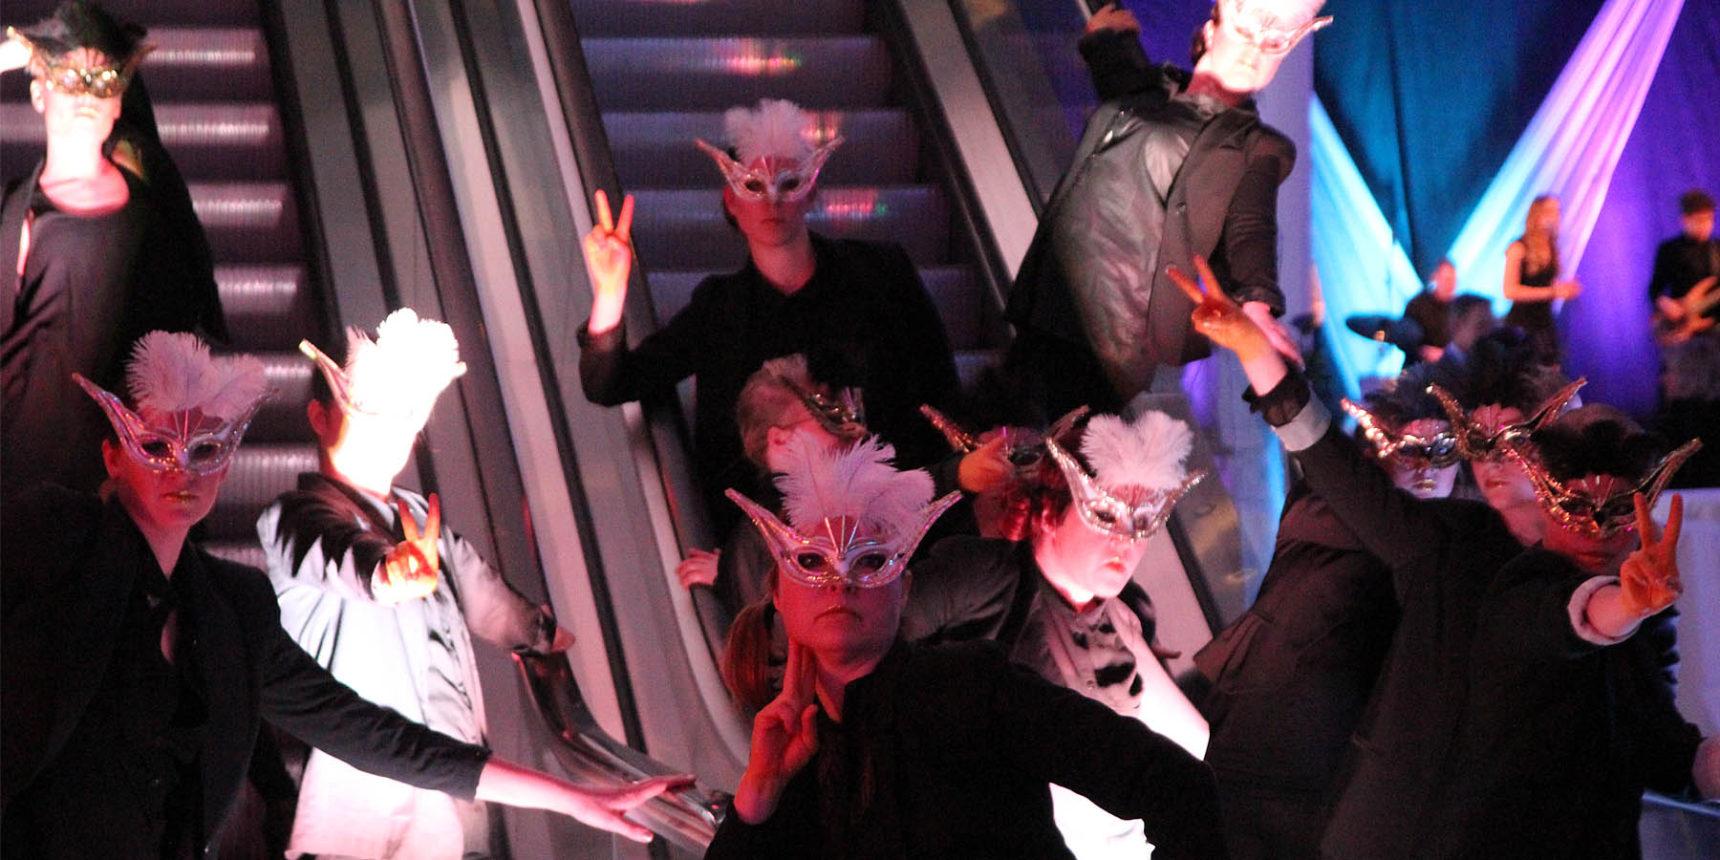 Del 3: Tänk teater och gör mötet till ett outplånligt intryck